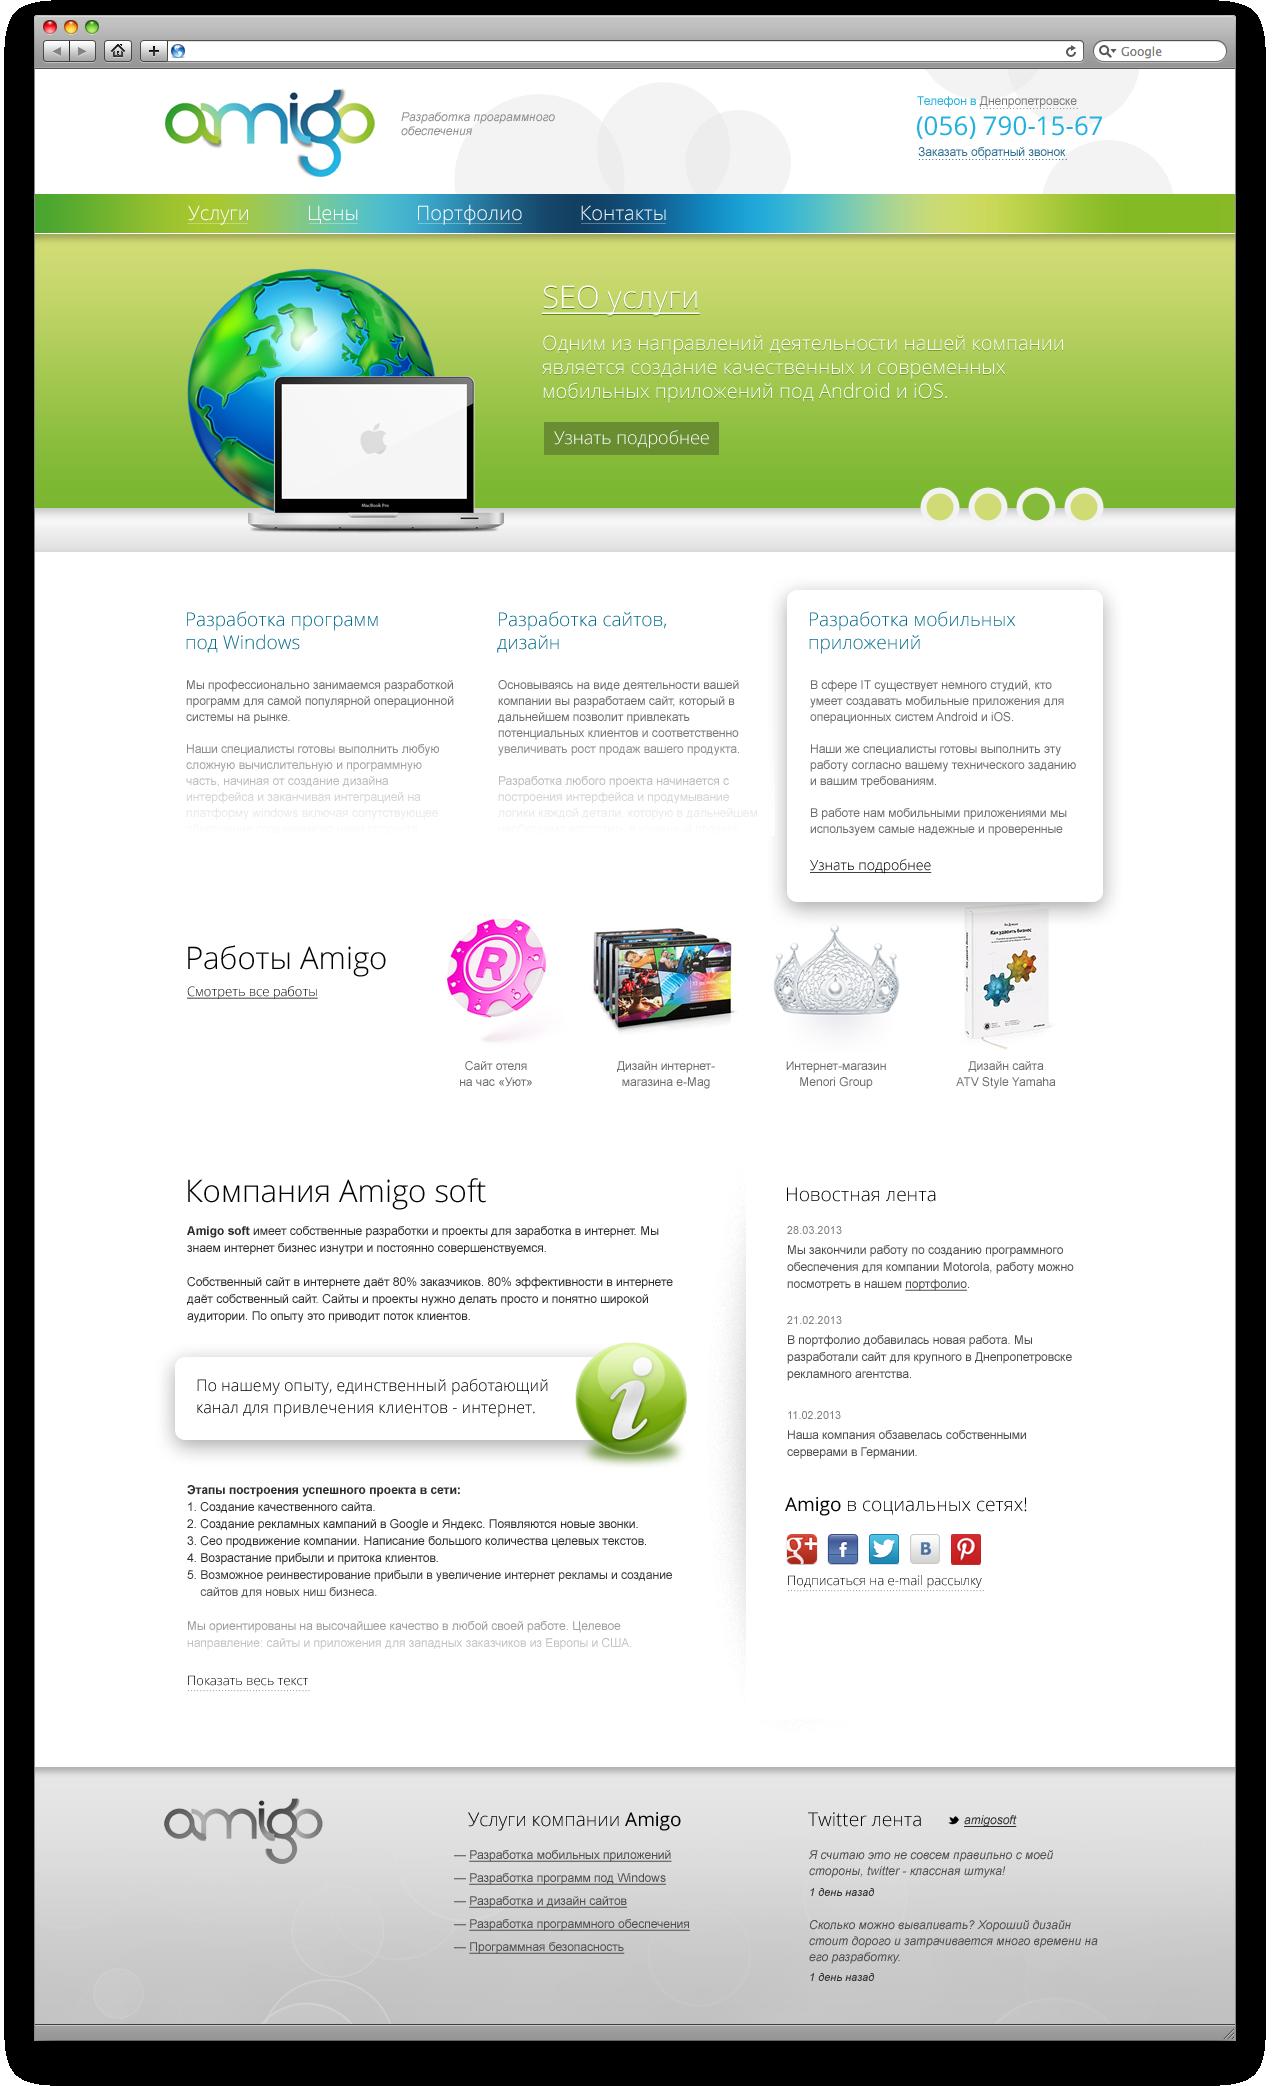 Сайт компании AmigoSoft, г. Днепропетровск